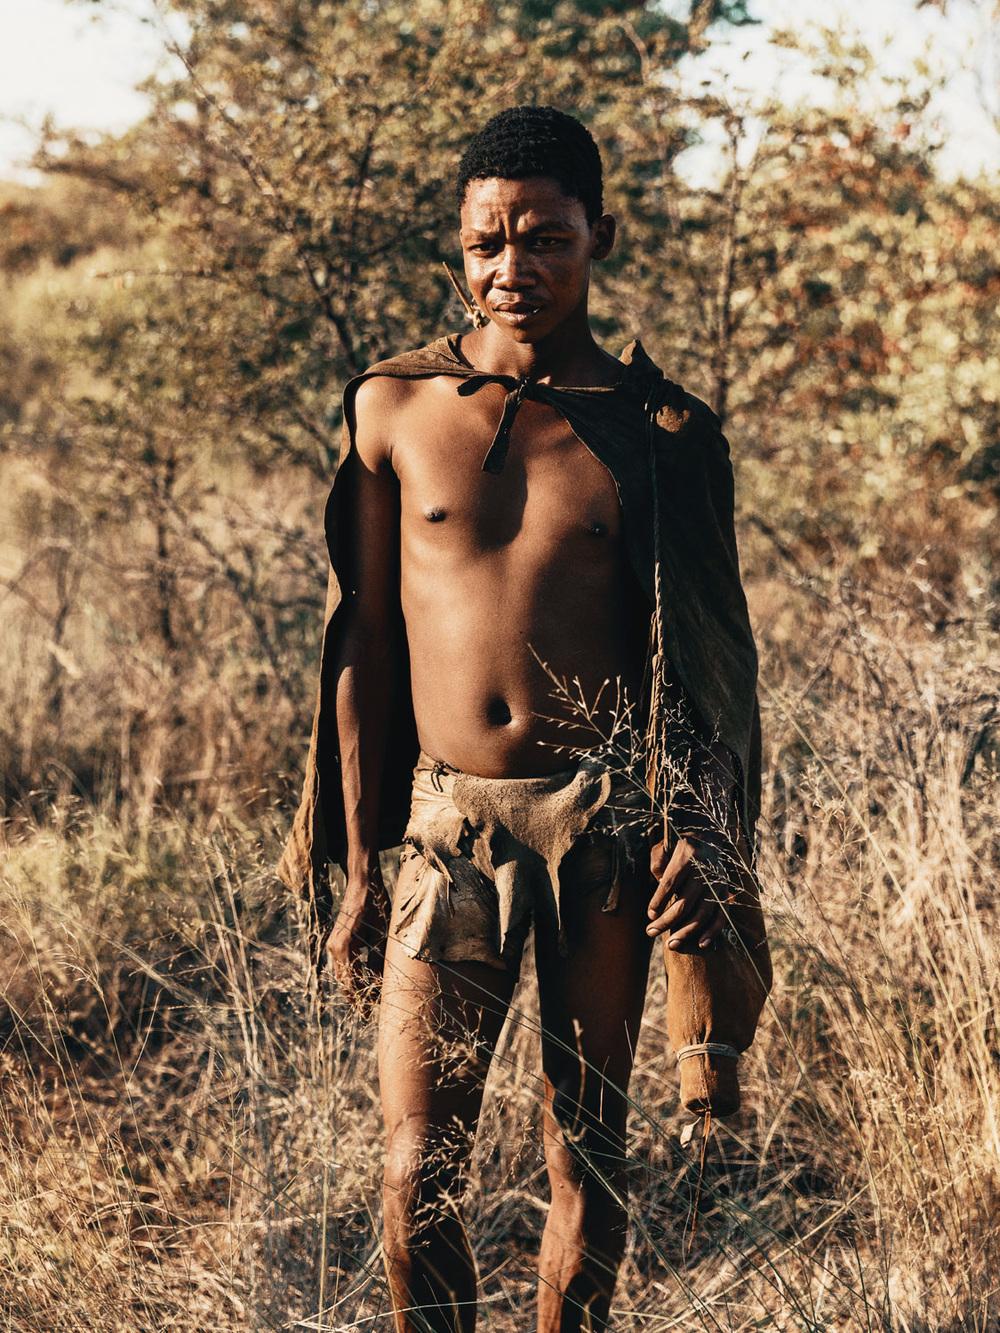 CallieGiovanna_Africa_Botswana_Kalahari_20150101_02957.jpg